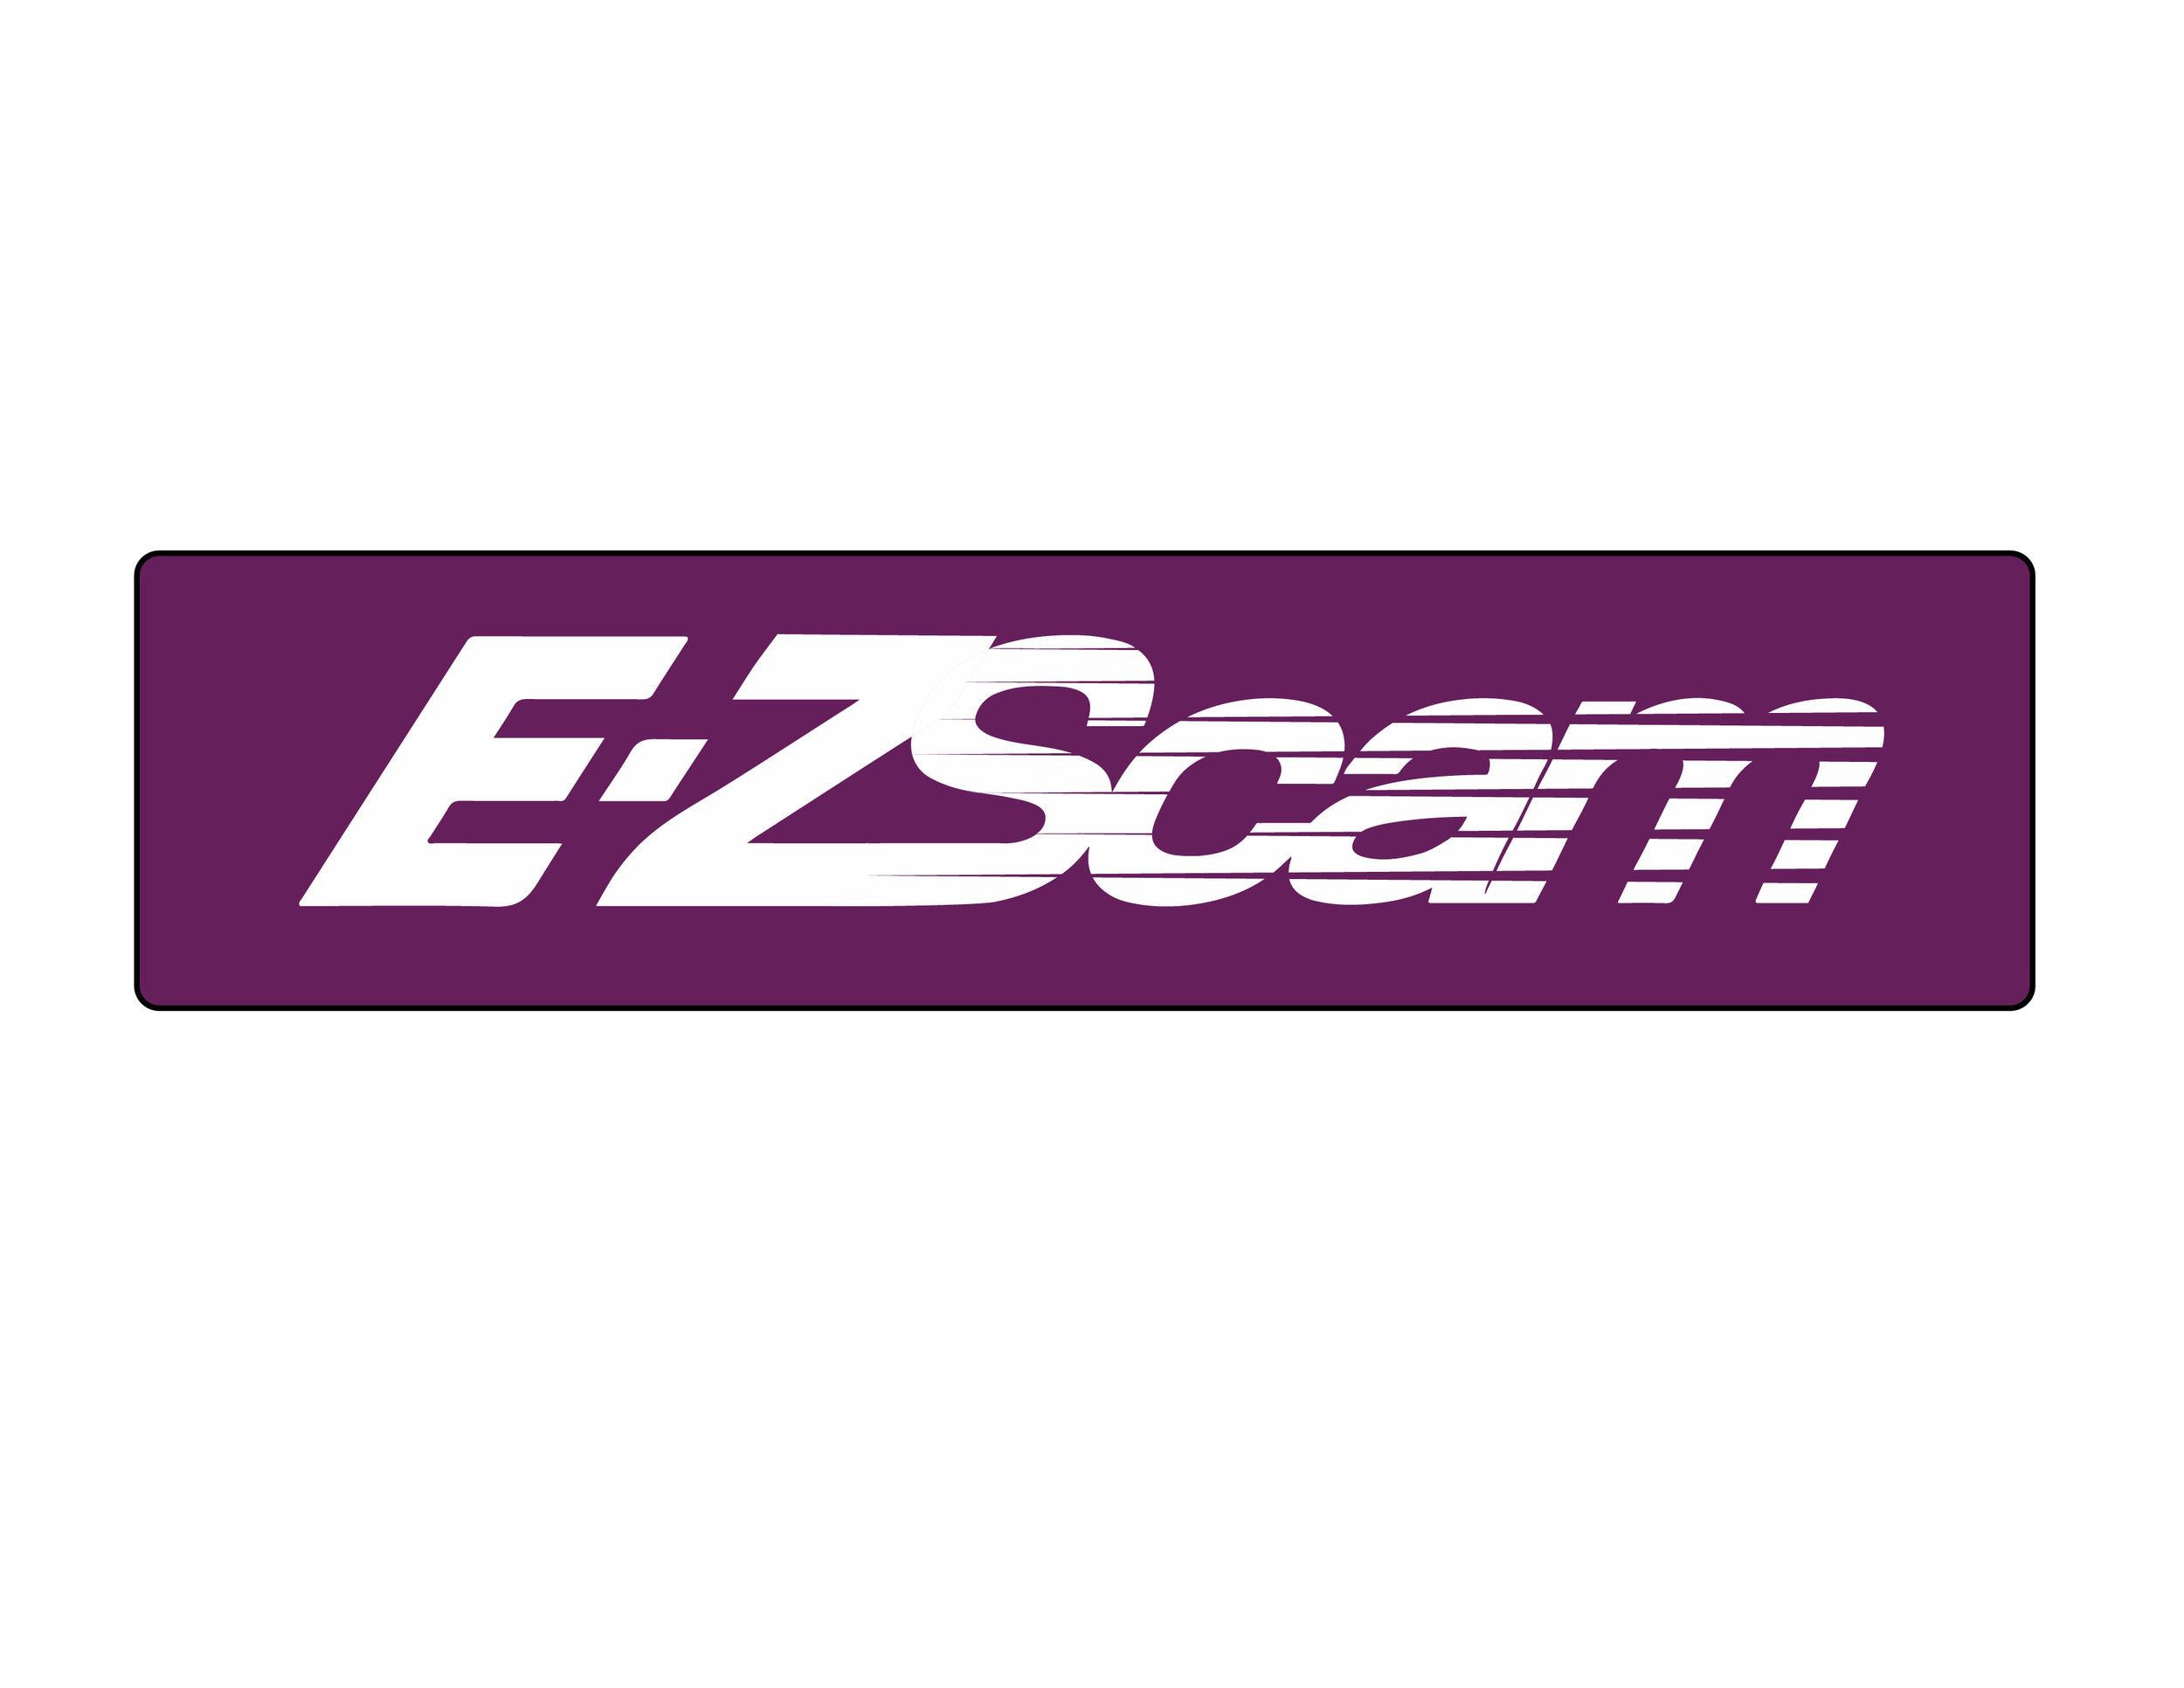 EZPASS LOGO-01.jpg